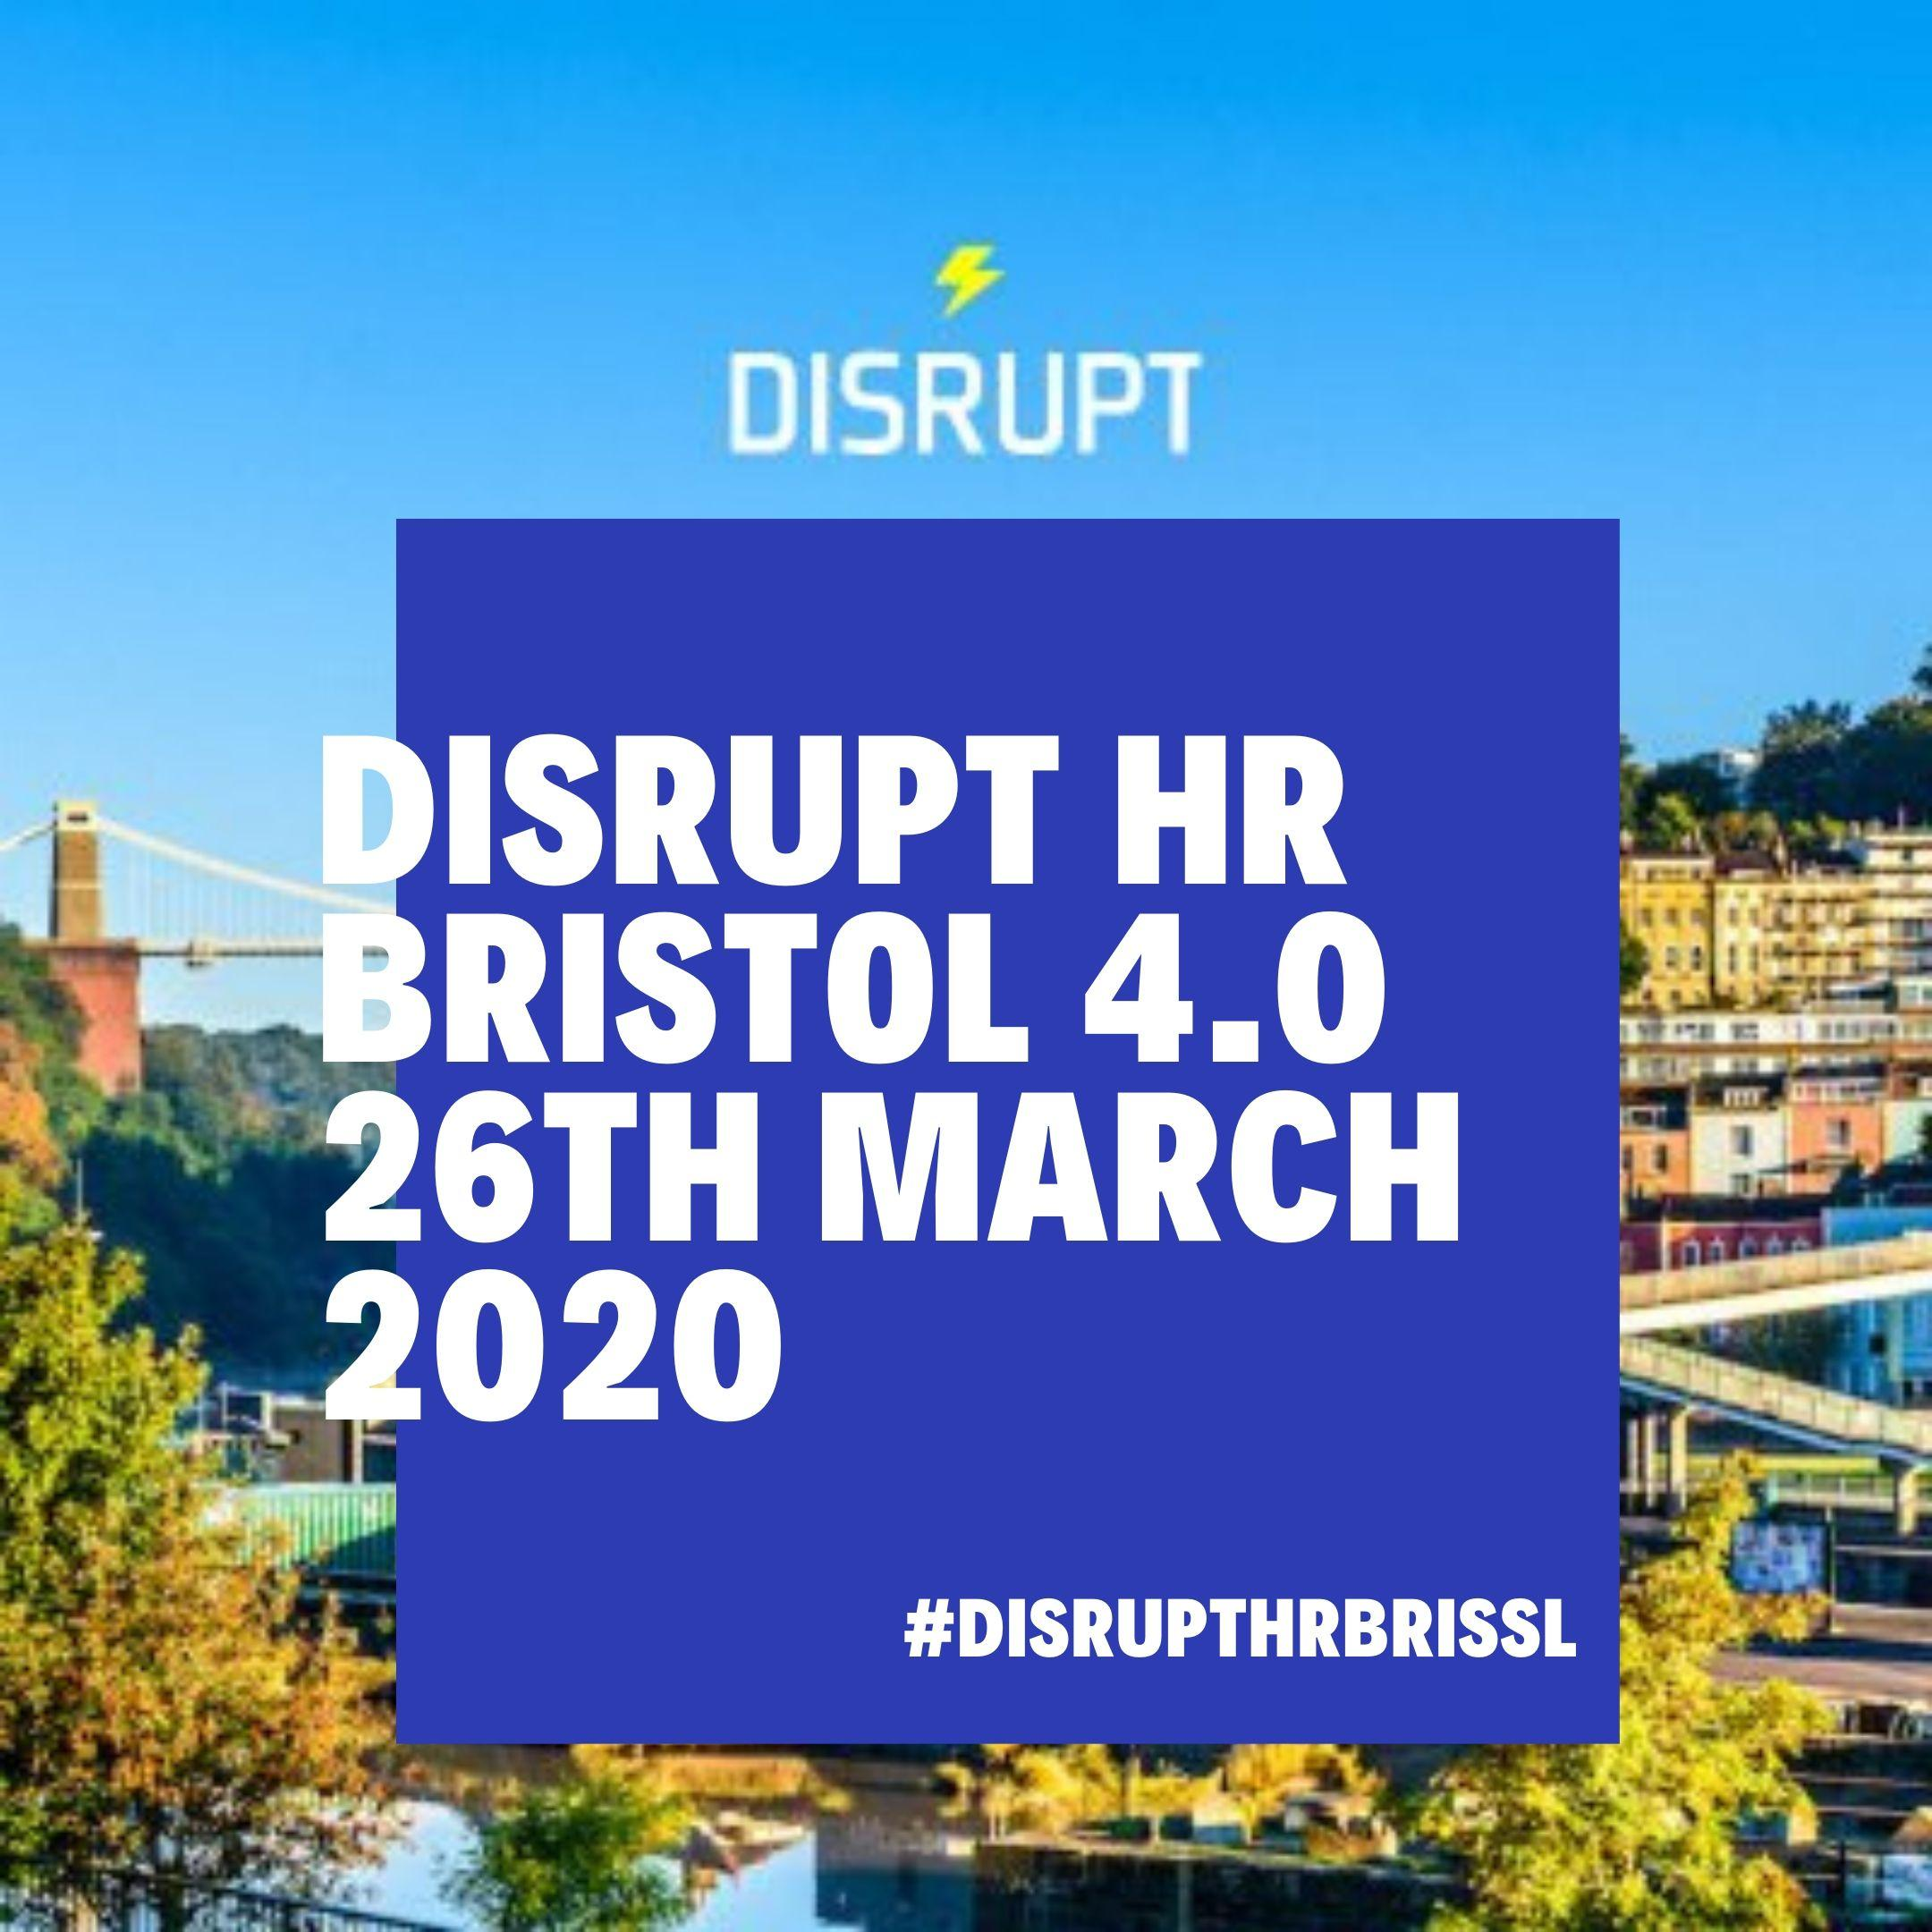 DisruptHR Bristol 4.0